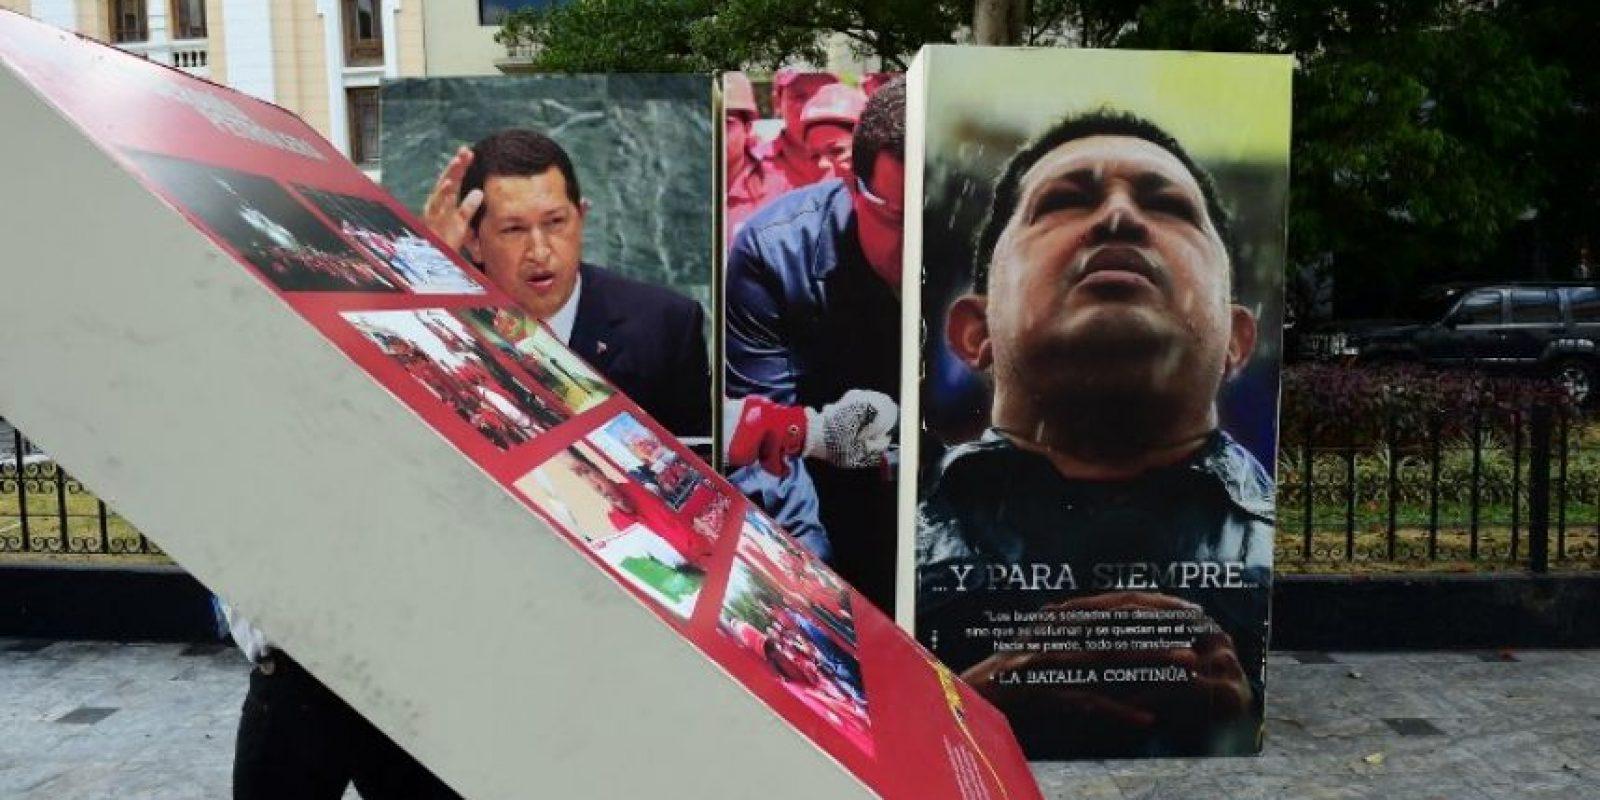 Como fiel seguidor del chavismo, el mandatario venezolano asegura estar indignado. Foto:AFP. Imagen Por: